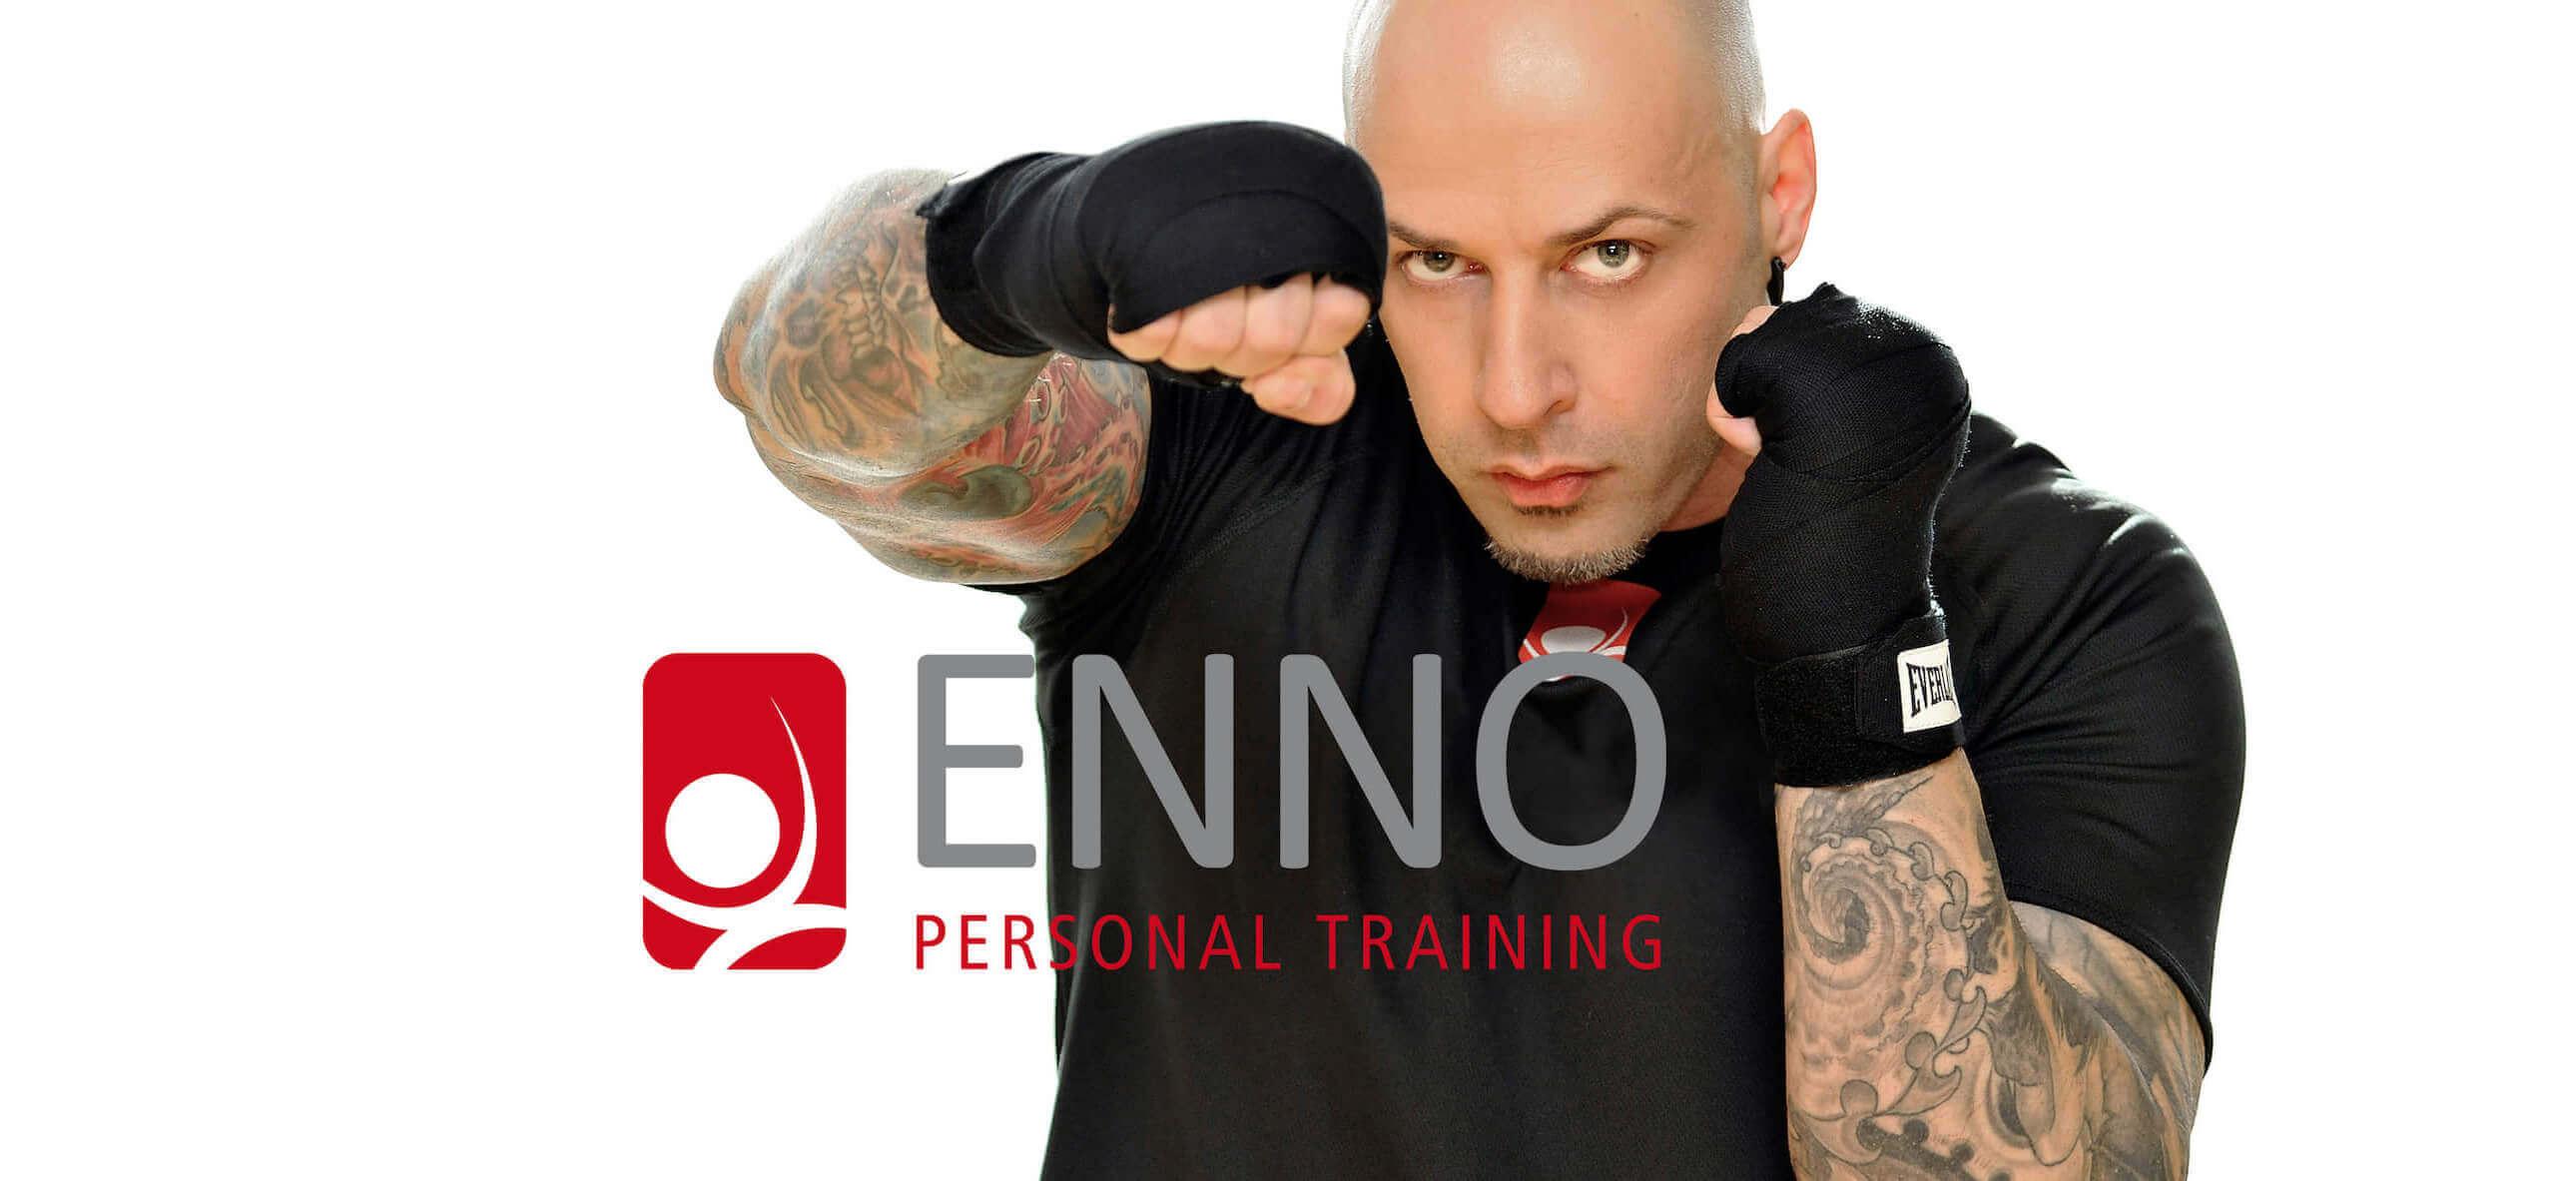 Enno Maaß - Ihr Personal Trainer in Heilbronn und Umgebung